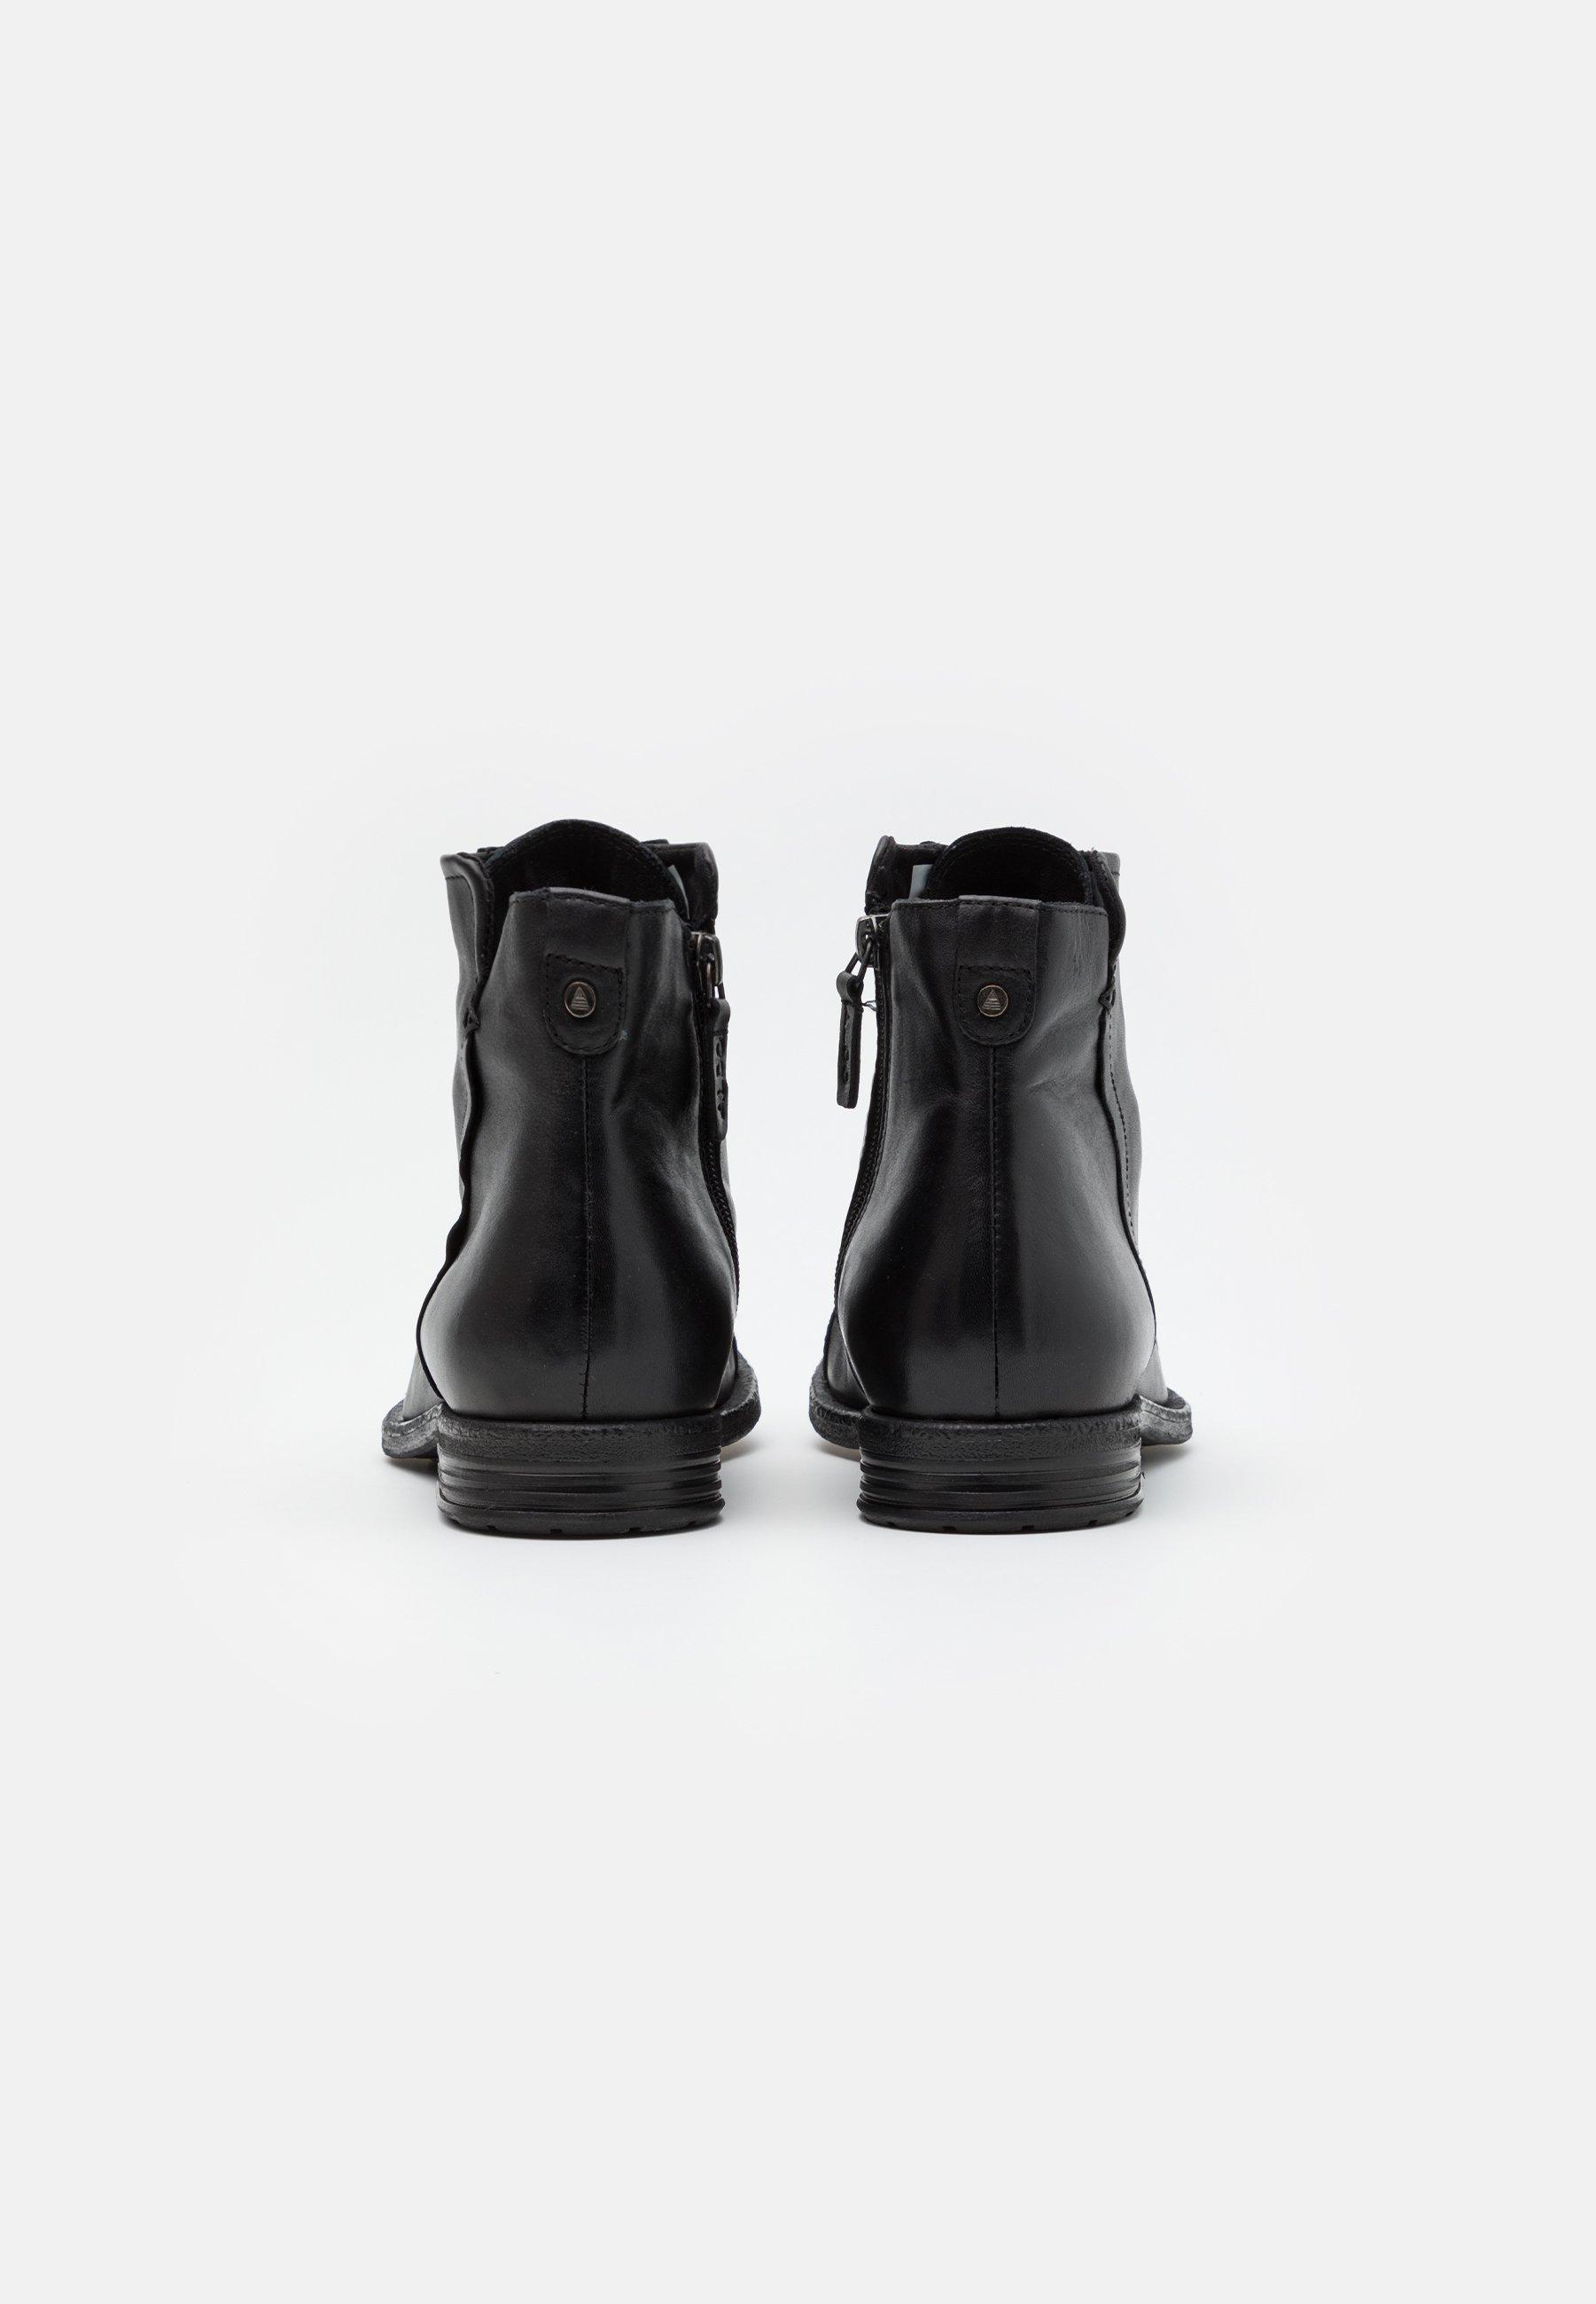 Meilleurs prix ALDO STEURSTRAAT Bottines à lacets black